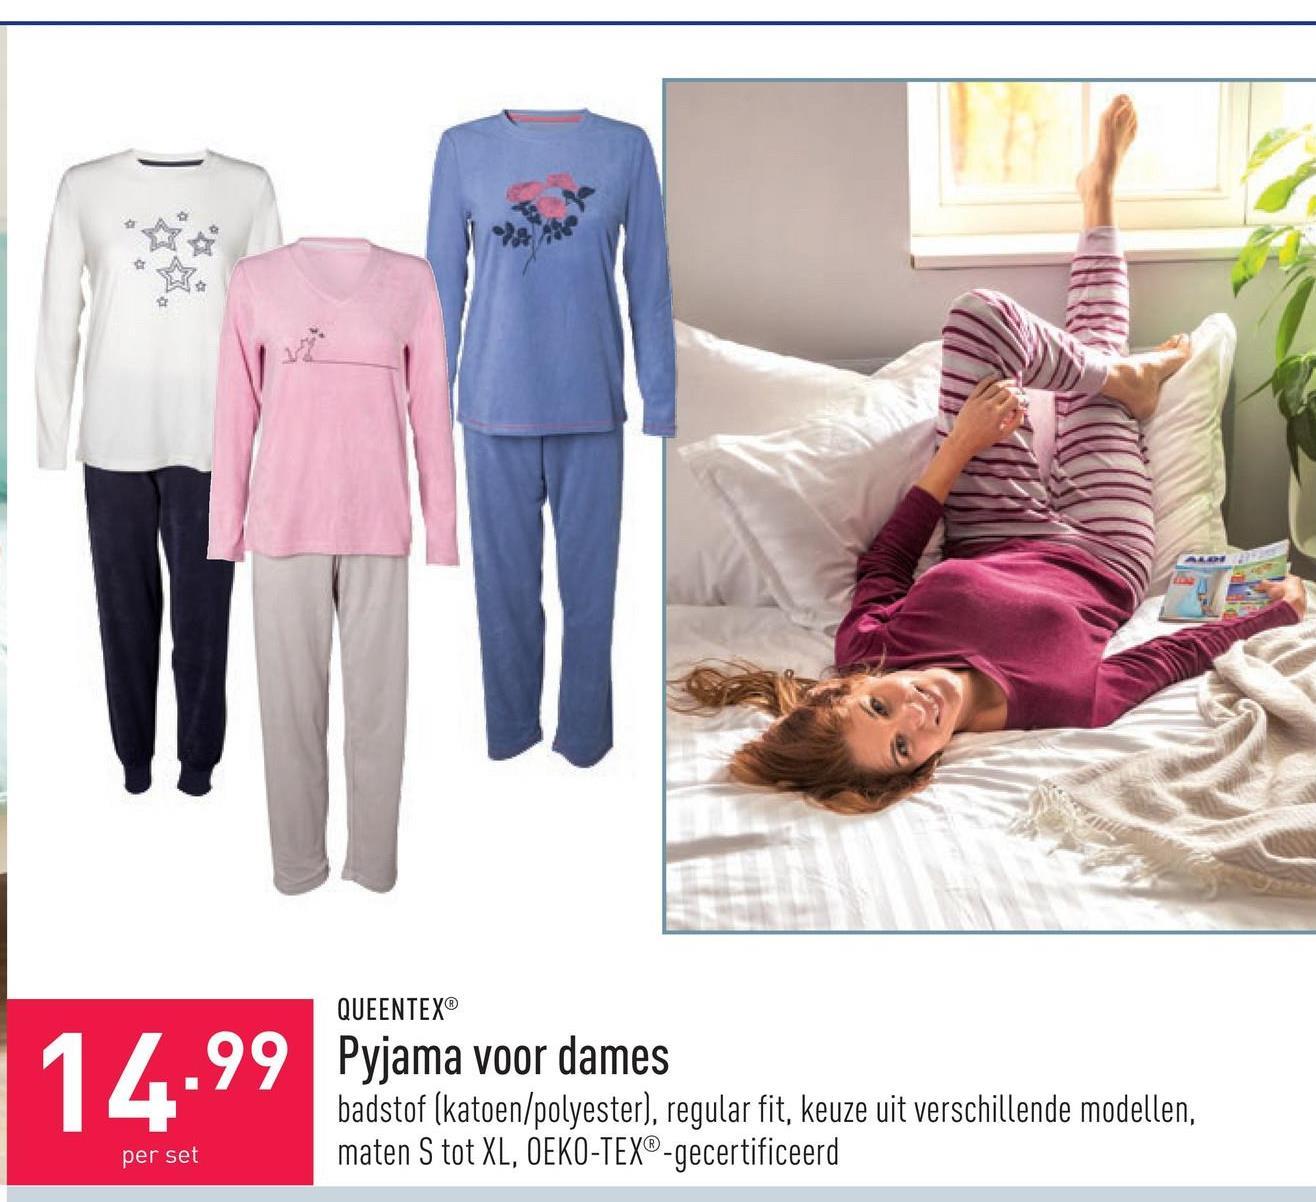 Pyjama voor dames badstof (katoen/polyester), regular fit, keuze uit verschillende modellen, maten S tot XL, OEKO-TEX®-gecertificeerd